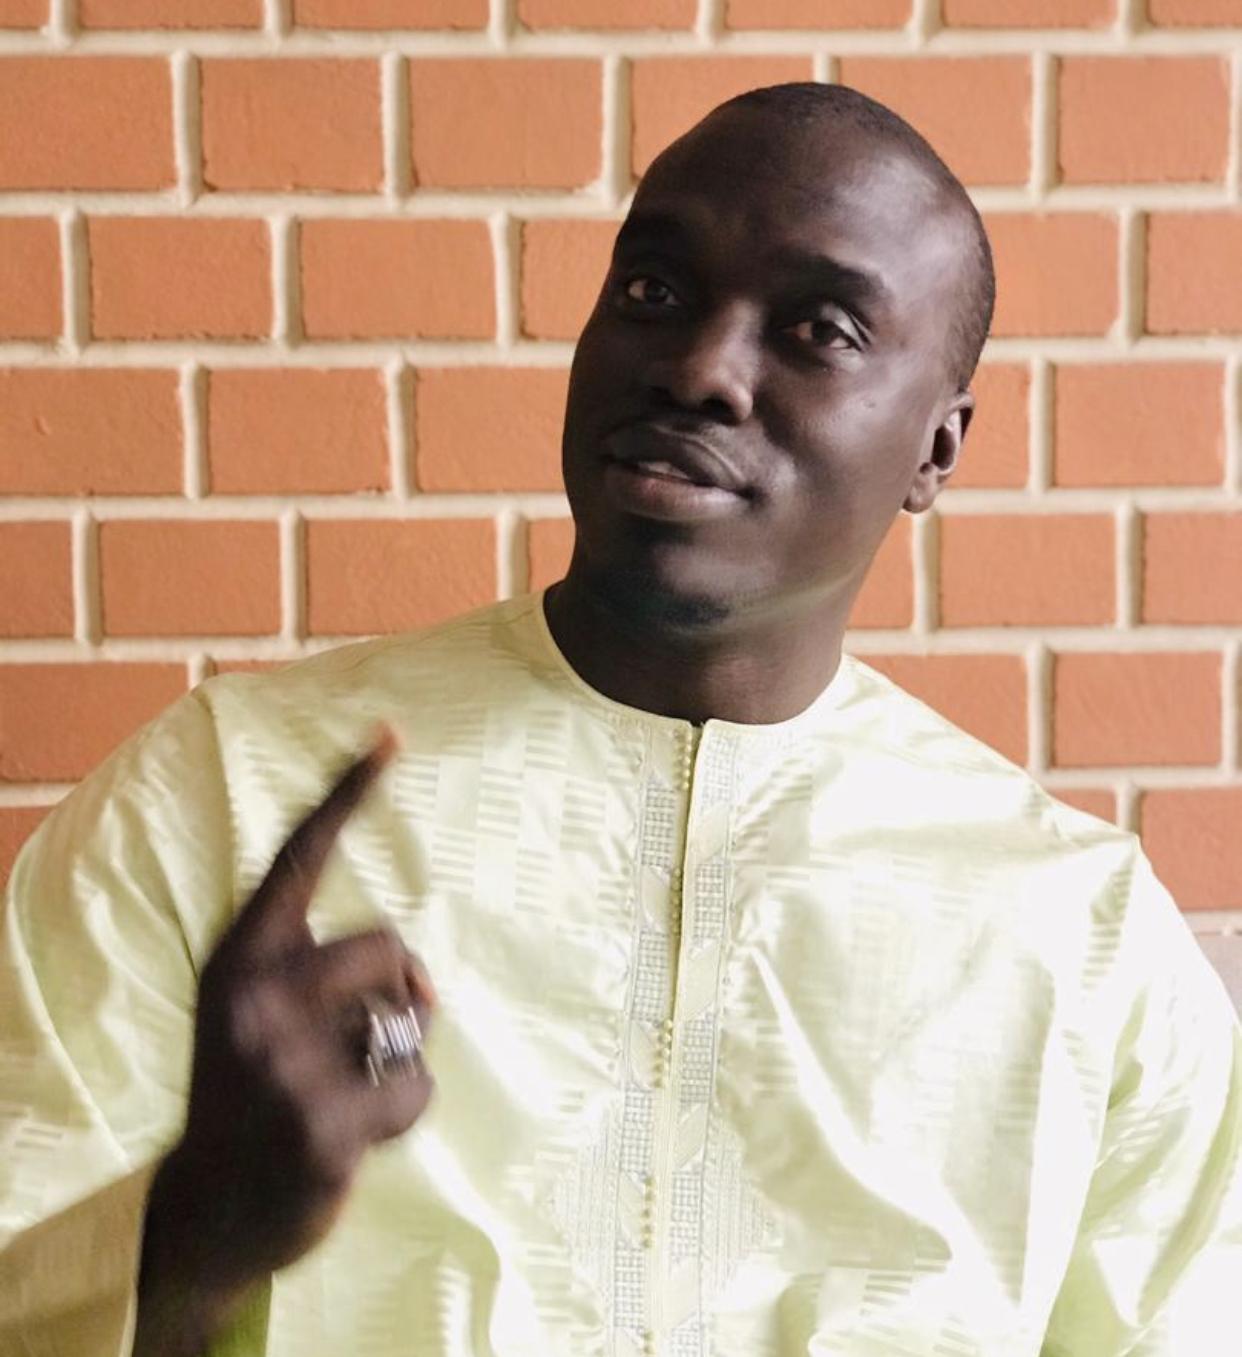 ENTRETIEN AVEC LIBASSE BASSE : «Le ni oui ni non du Président est juste stratégique... Sonko a joué, mais il a perdu... Macky tient à travers Abdoul Mbaye son seul mauvais Premier ministre»